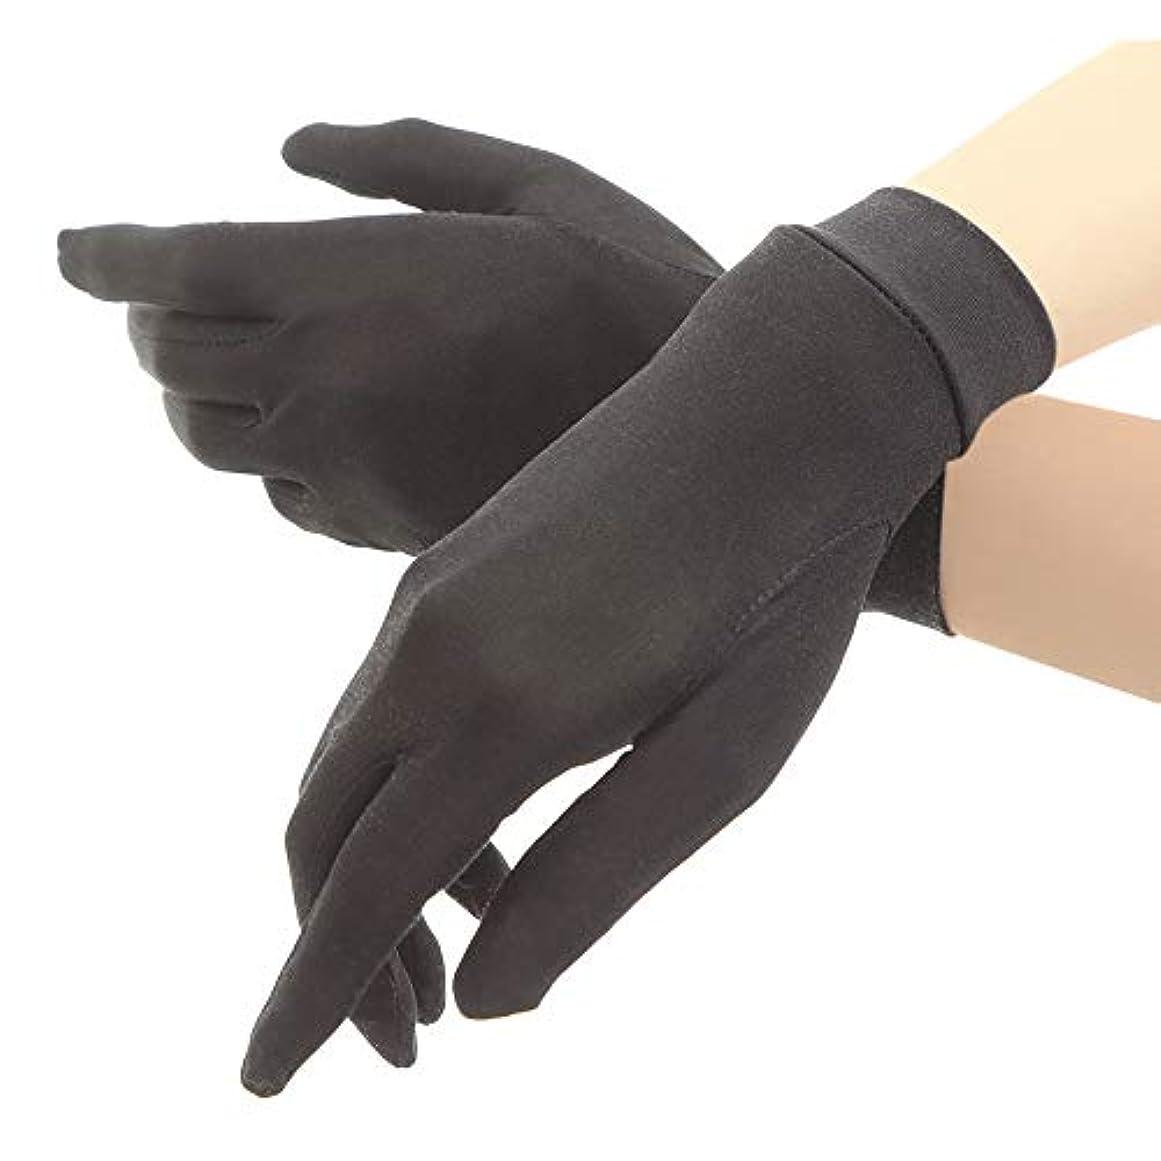 犬ステートメント検出可能シルク手袋 レディース 手袋 シルク 絹 ハンド ケア 保湿 紫外線 肌荒れ 乾燥 サイズアップで手指にマッチ 【macch】